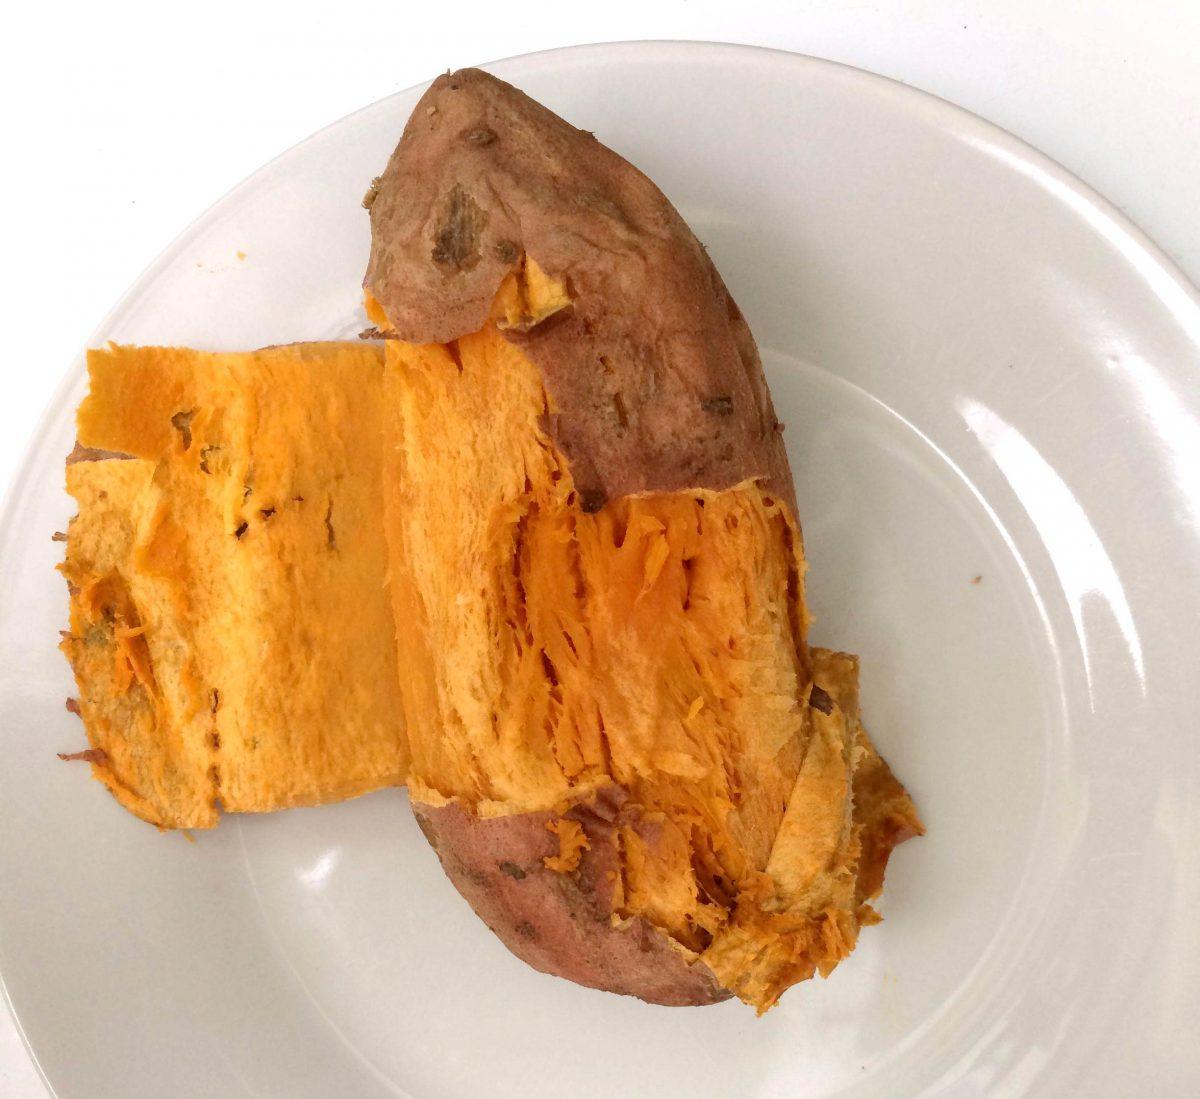 gepofte zoete aardappel voor zoete aardappel gnocchi